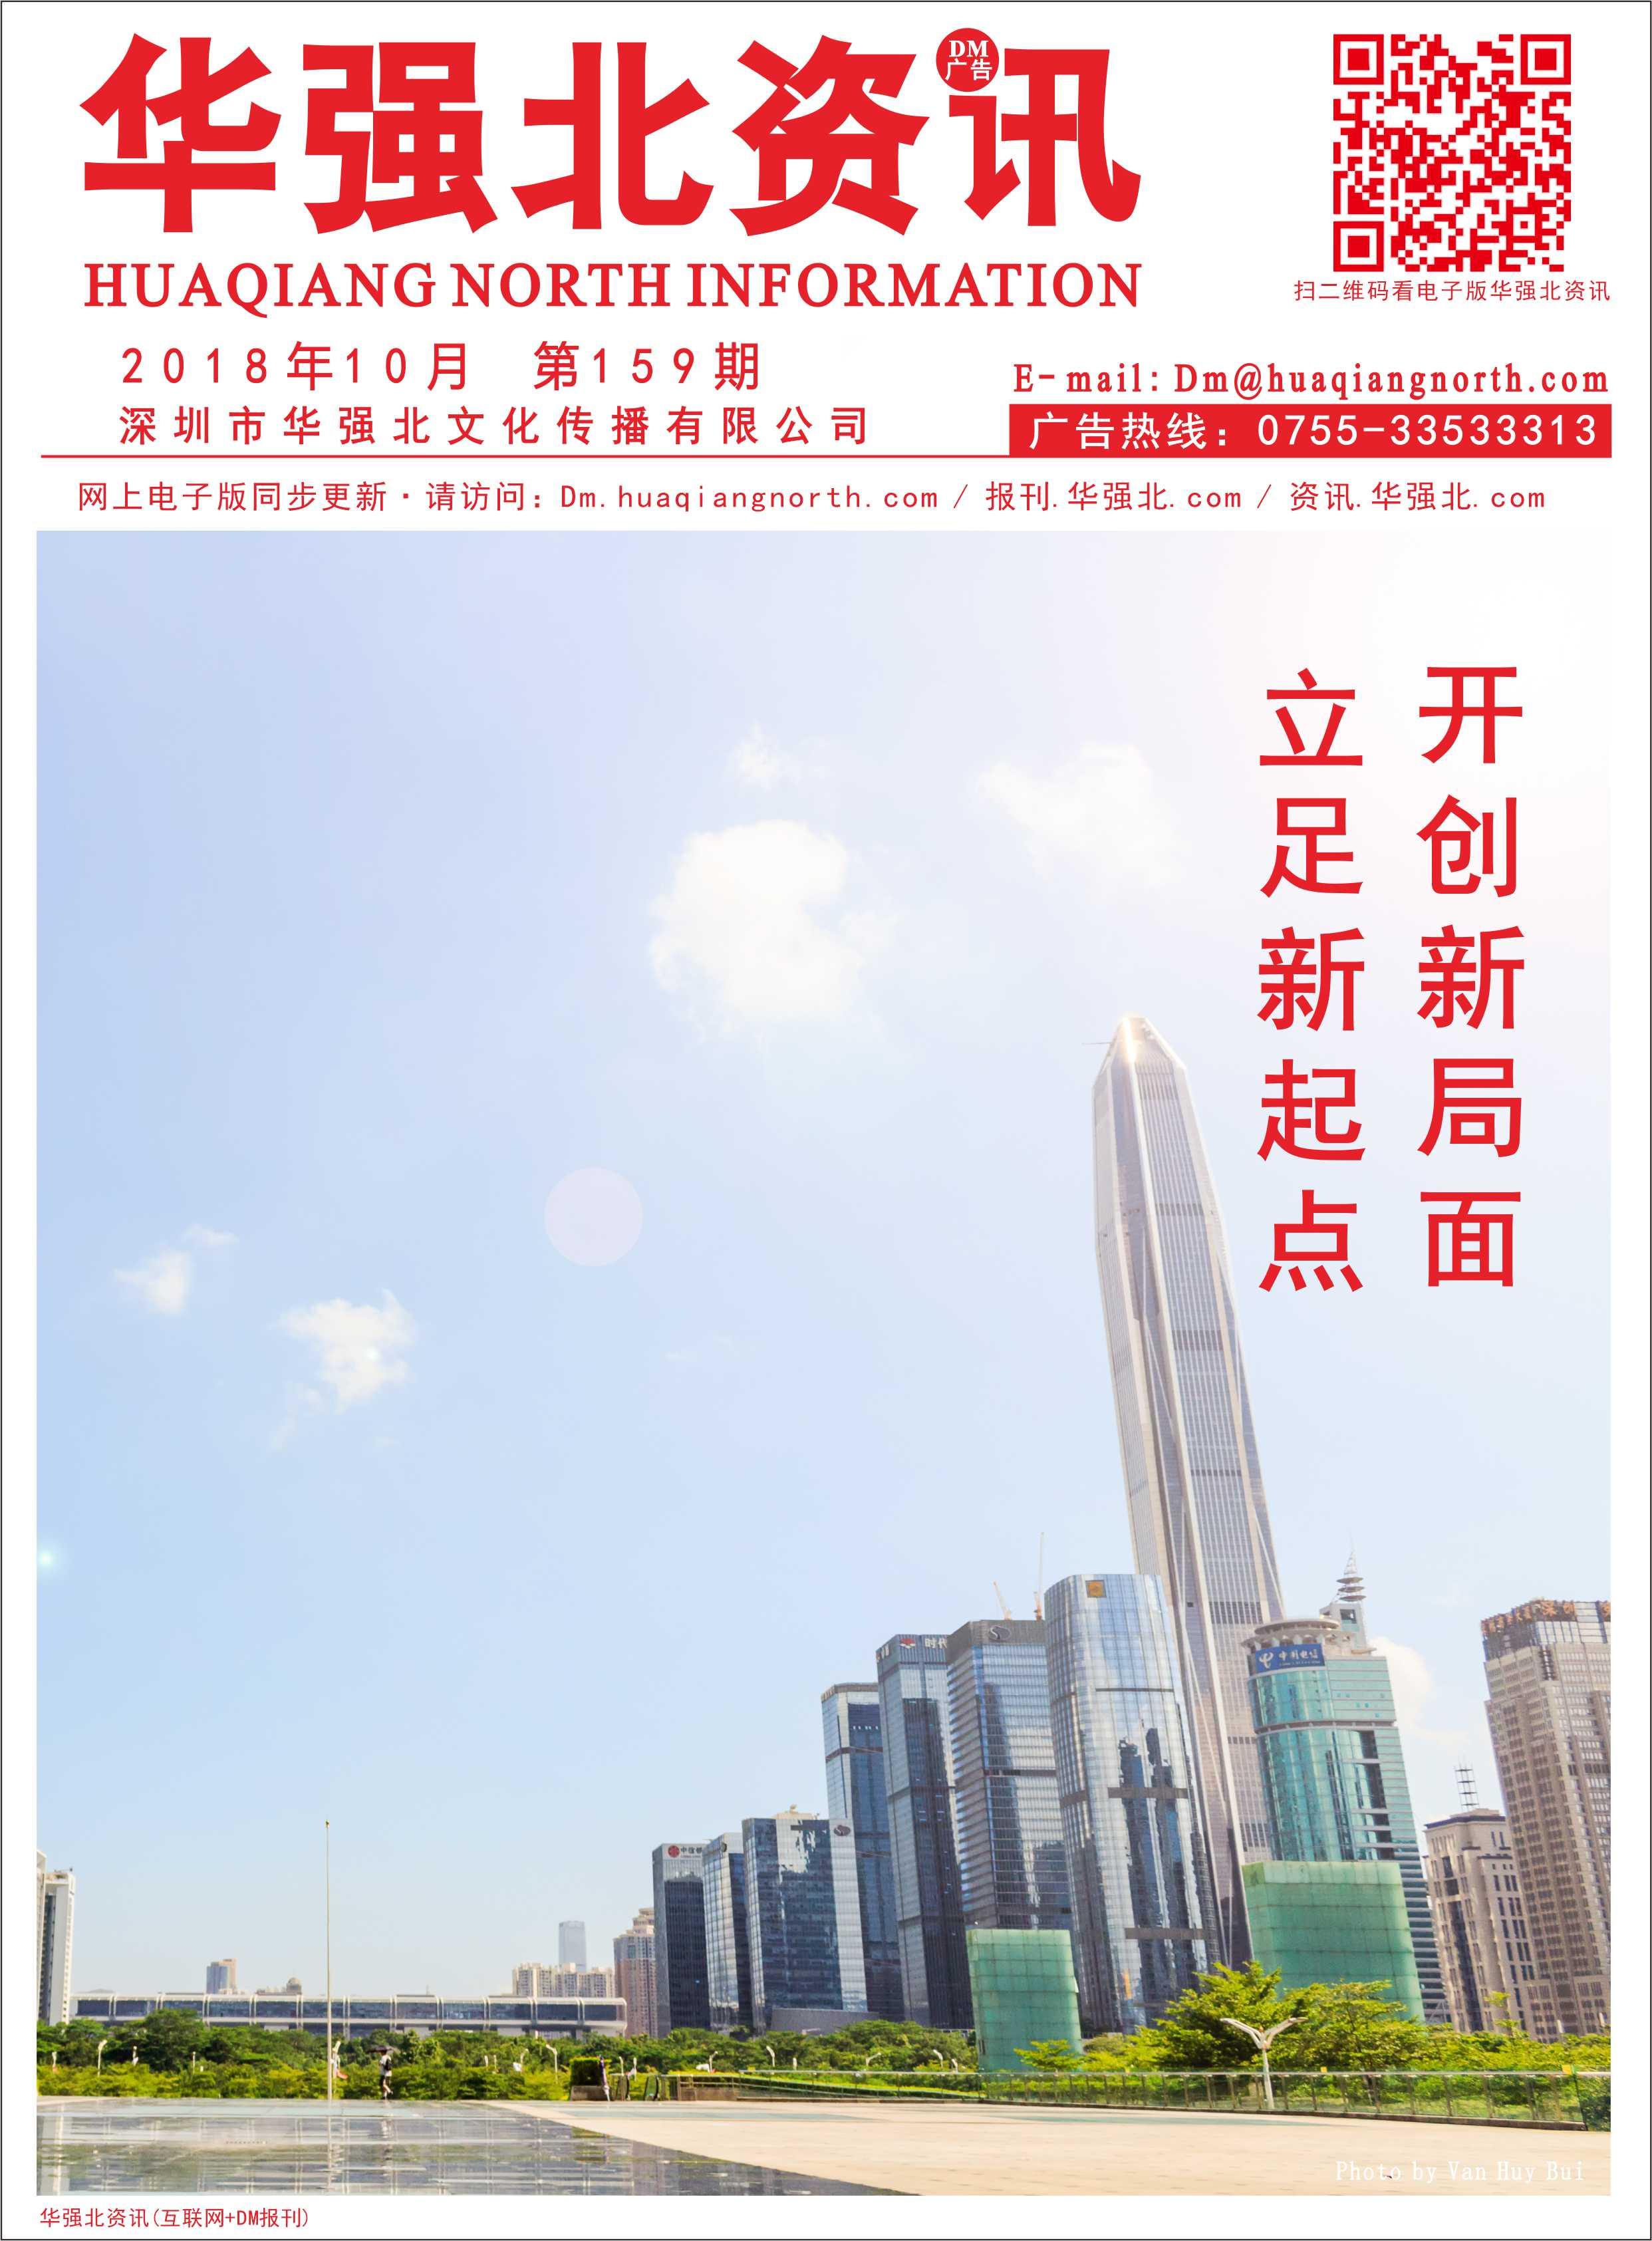 华强北资讯第159期